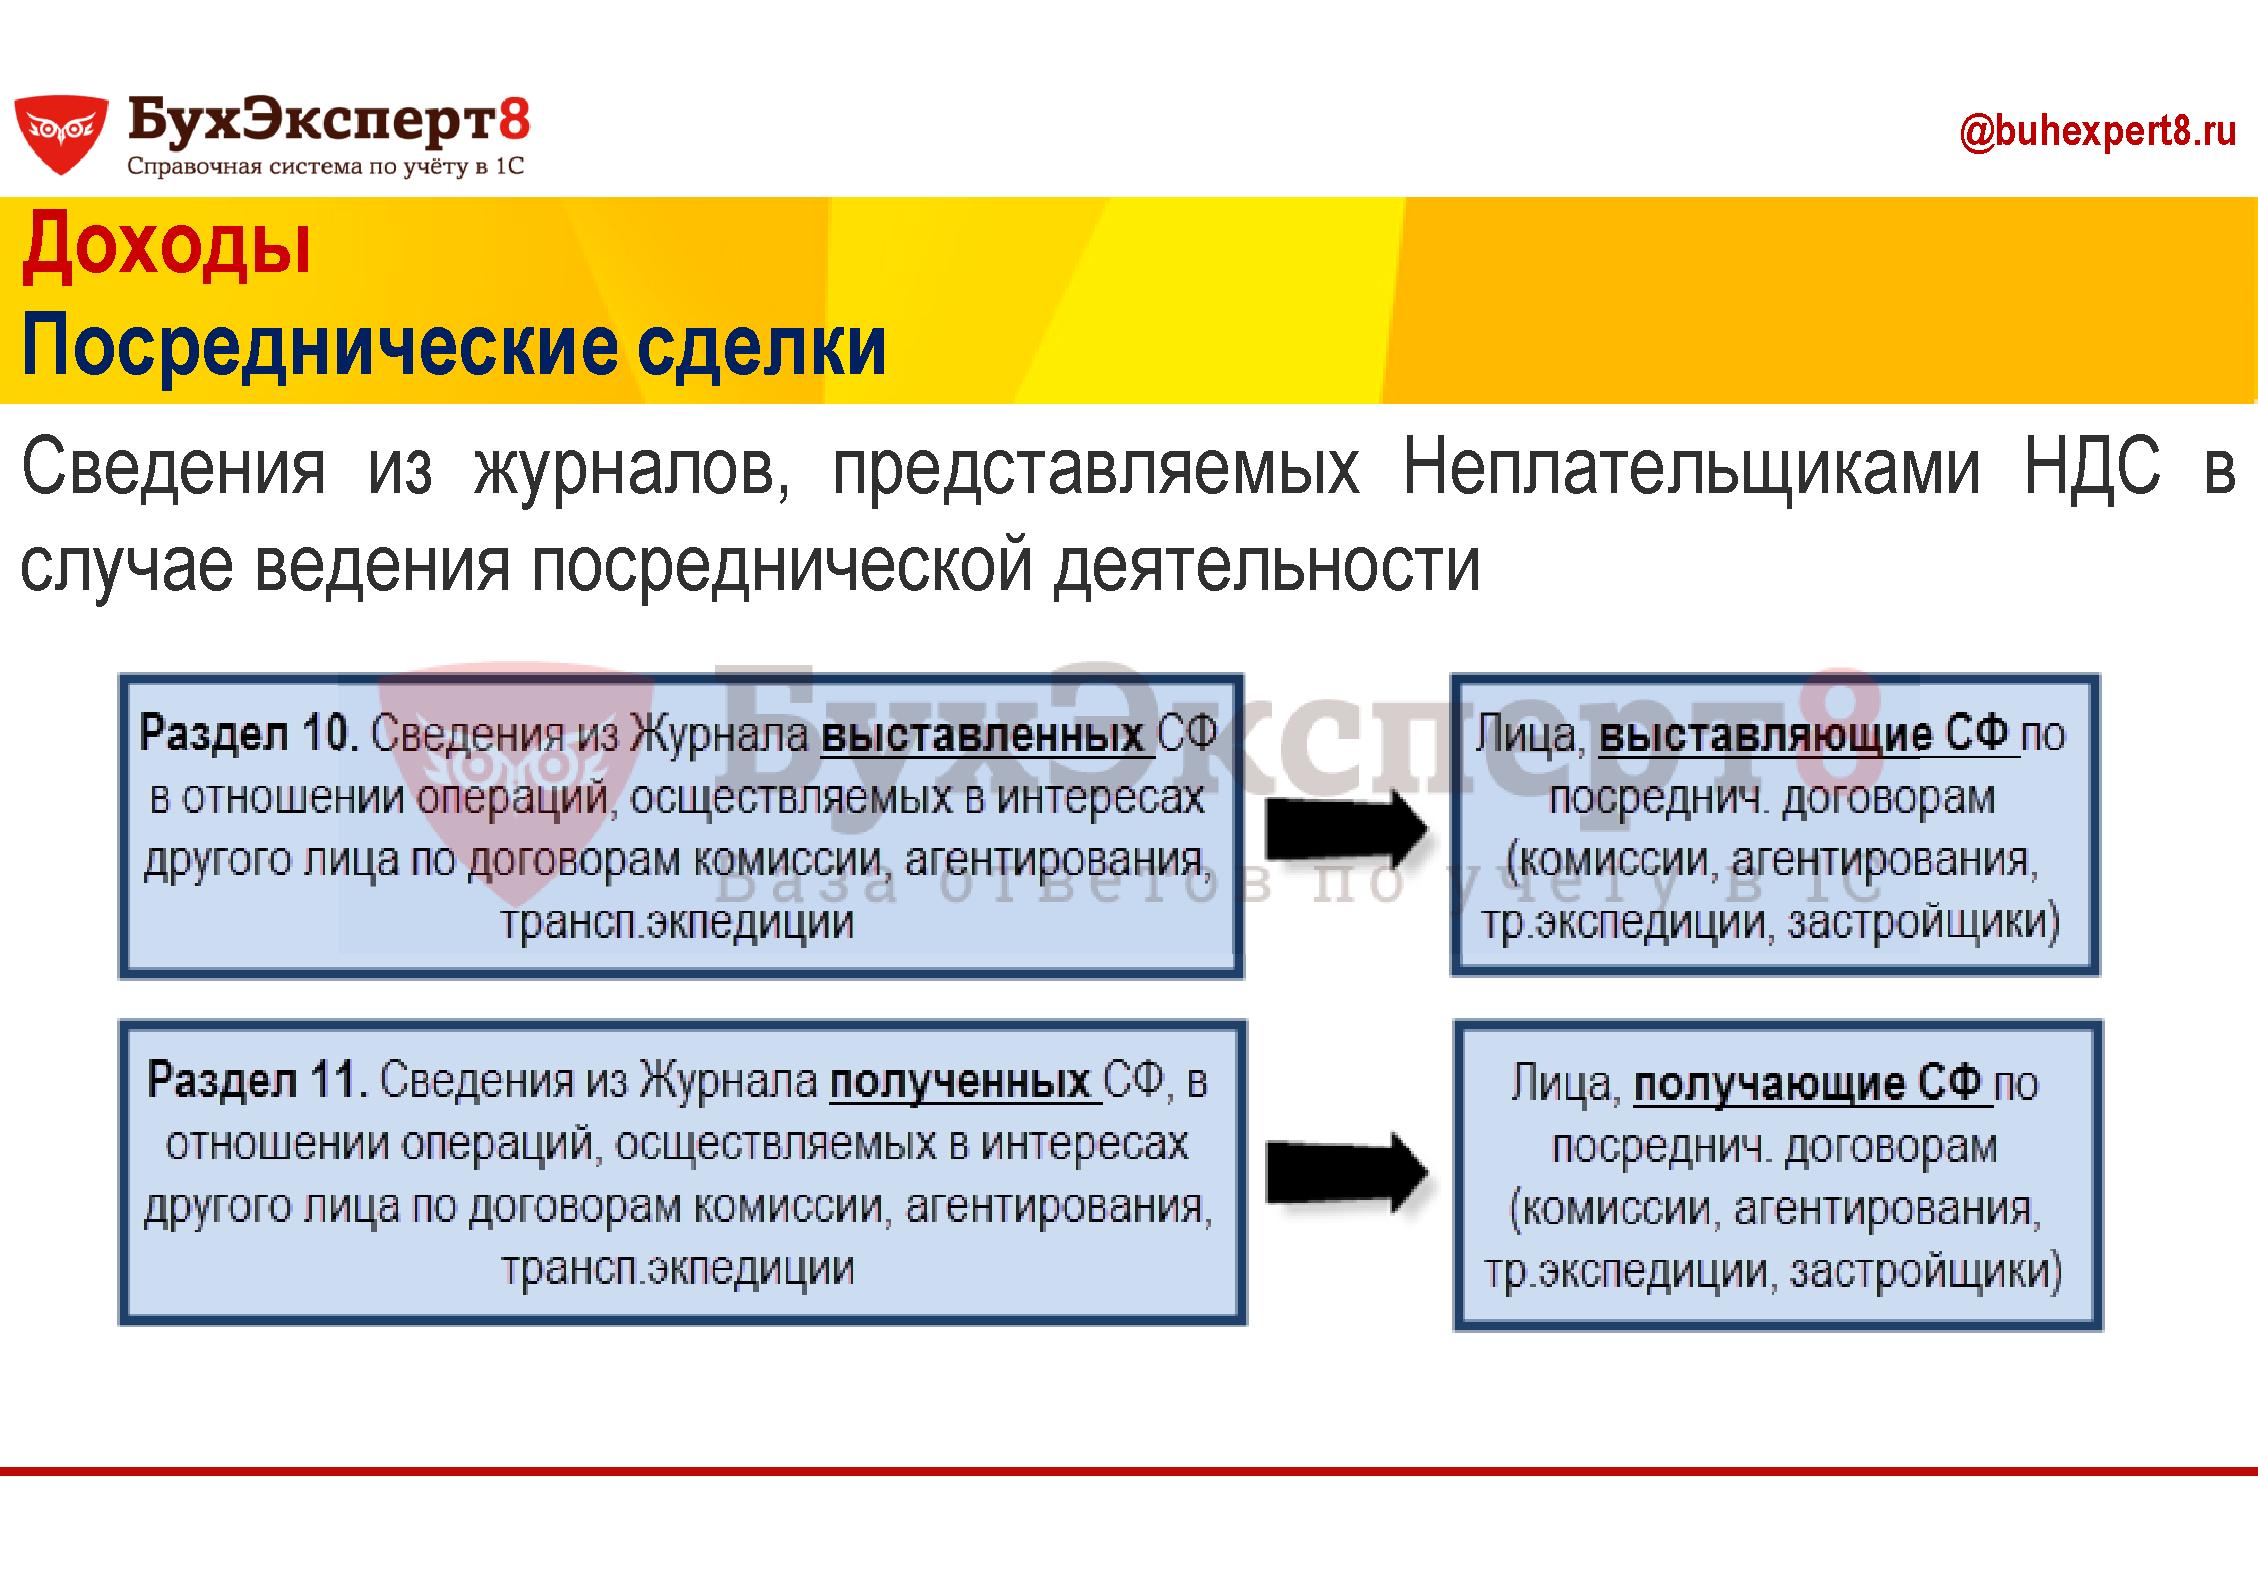 Доходы Посреднические сделки Сведения из журналов, представляемых Неплательщиками НДС в случае ведения посреднической деятельности